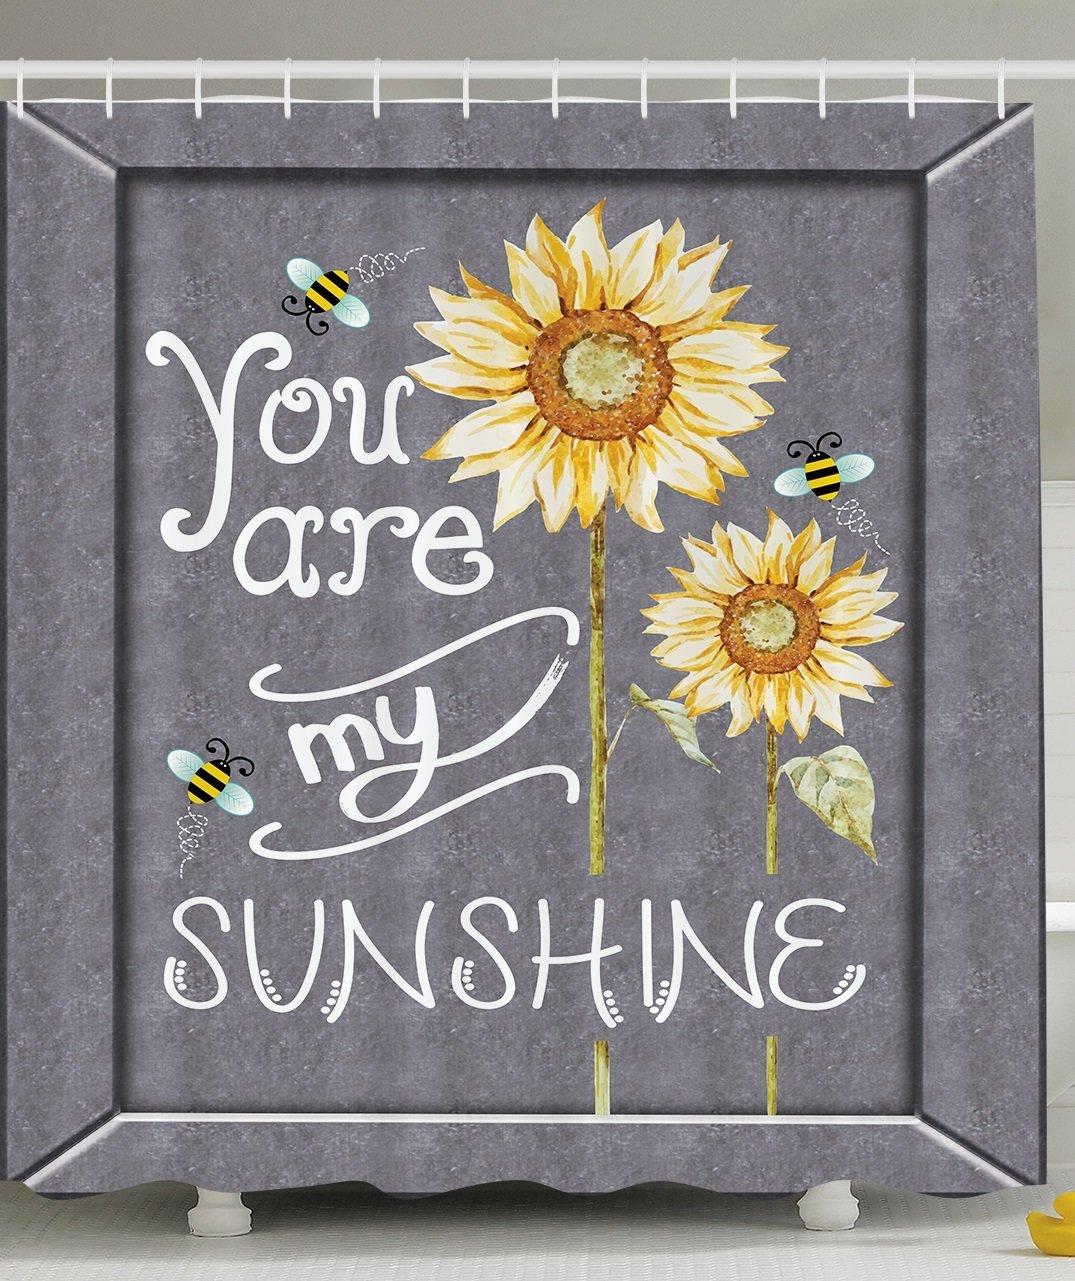 Sie Sind My Sunshine Zitat Auf Einem Schwarzen Board Mit Bienen Und  Sonnenblumen, Polyester